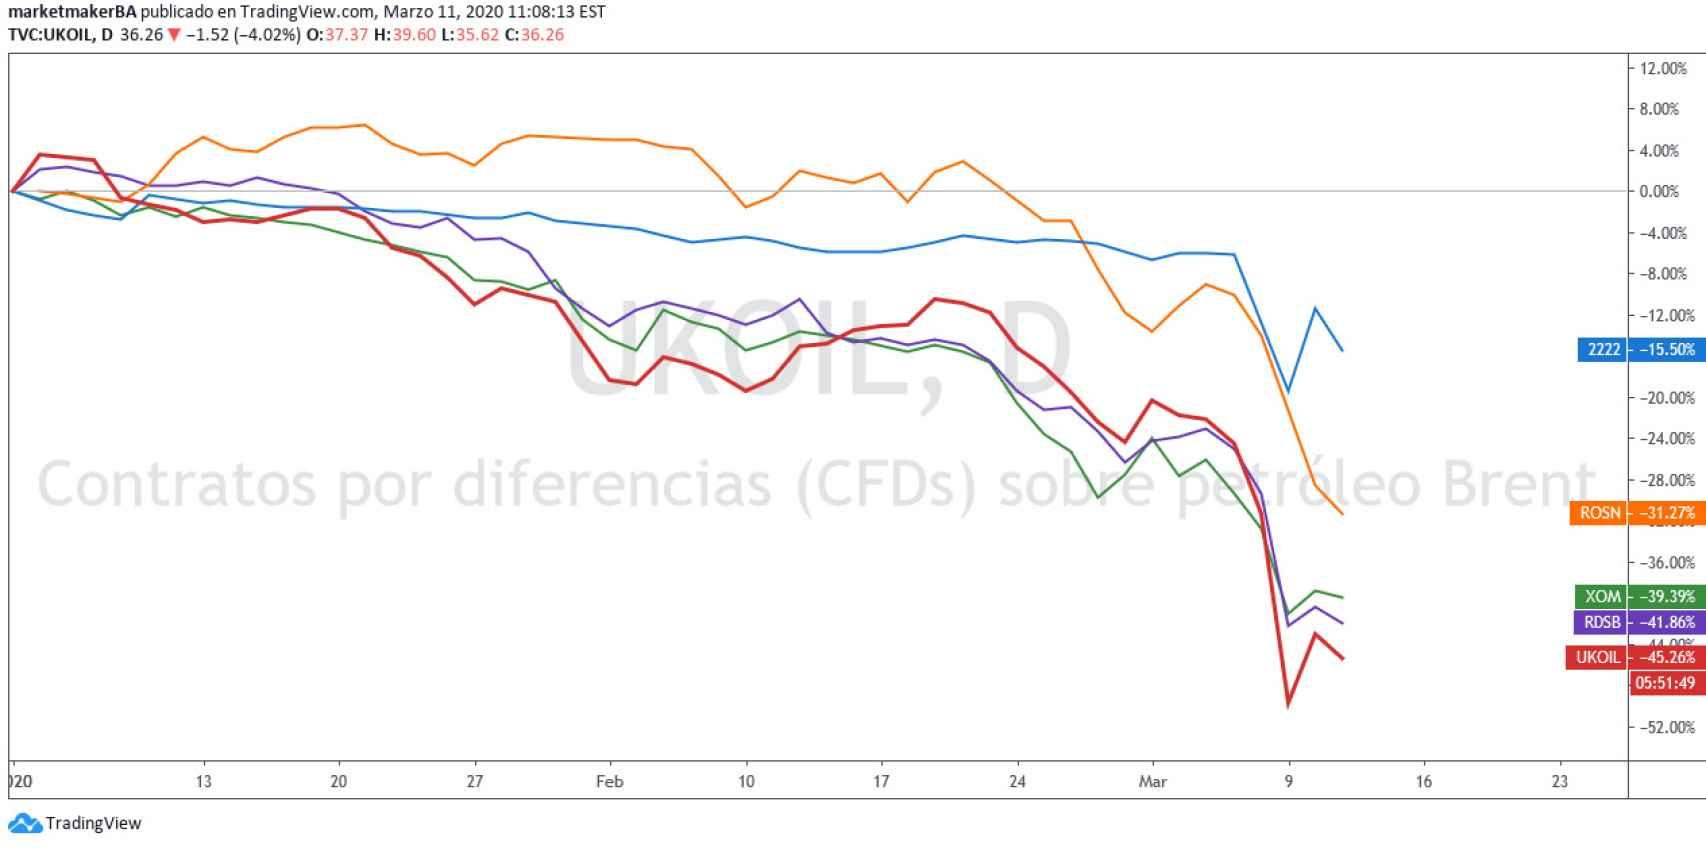 Imagen de la evolución del precio del crudo.